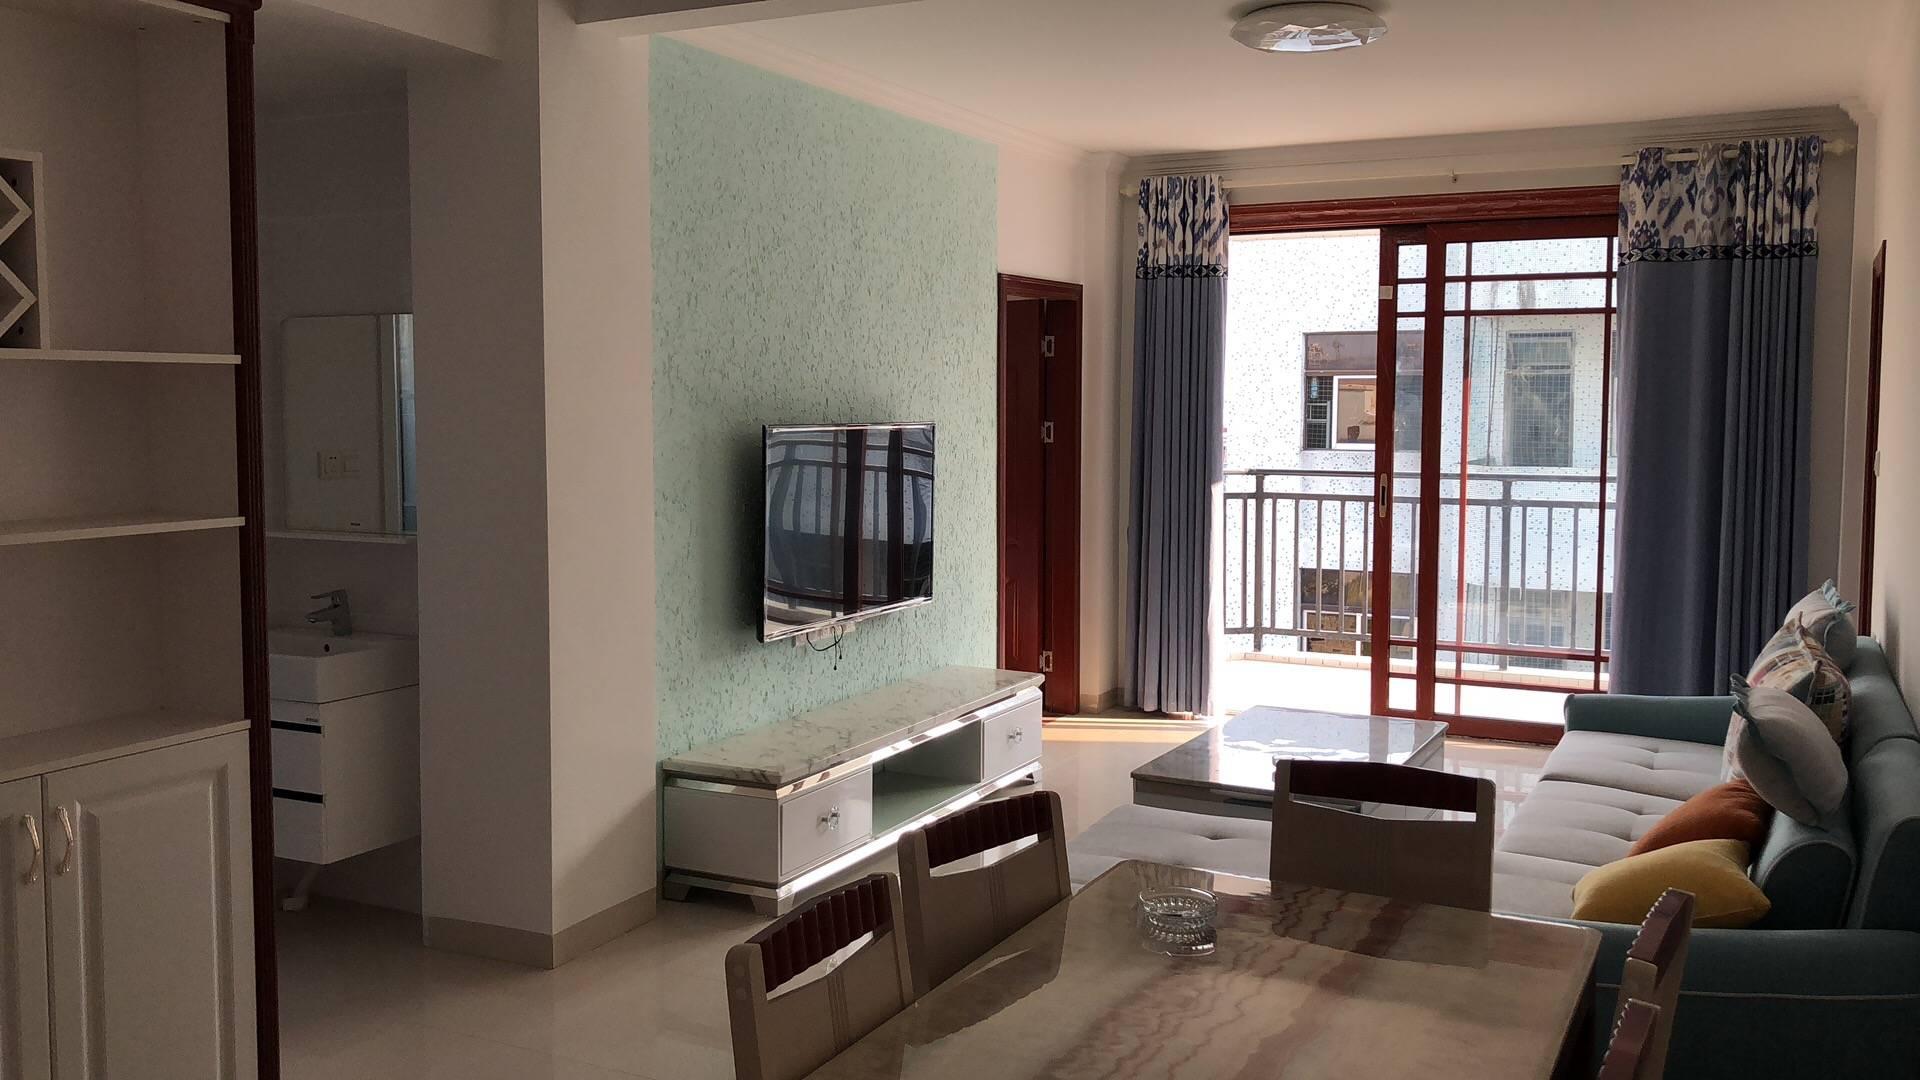 水口 110平 带电梯 精致3房 开发商直售 小产权自建房